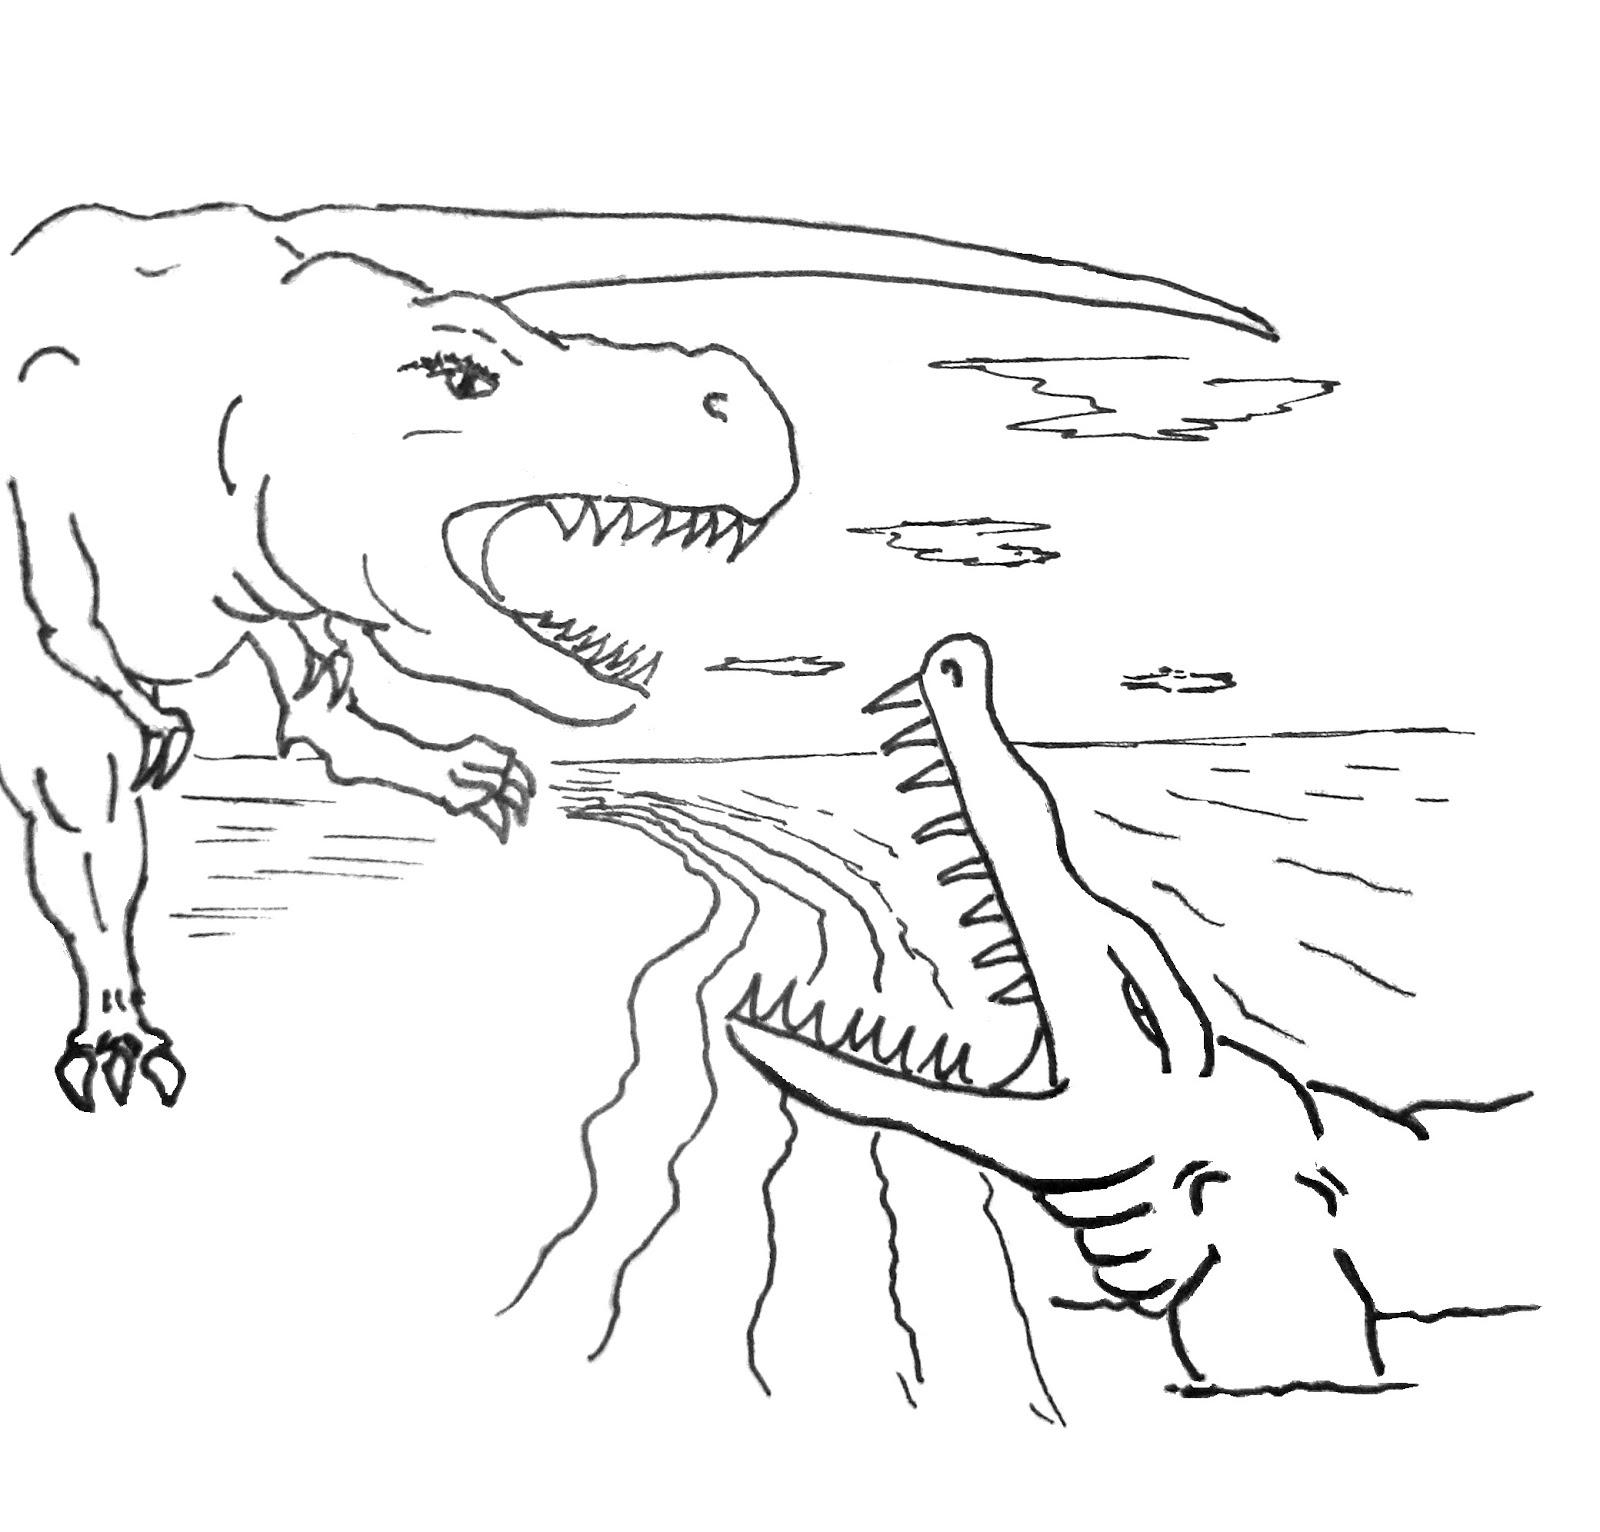 Nos Jeux De Coloriage Dinosaure À Imprimer Gratuit - Page destiné Coloriage De Dinosaure Gratuit